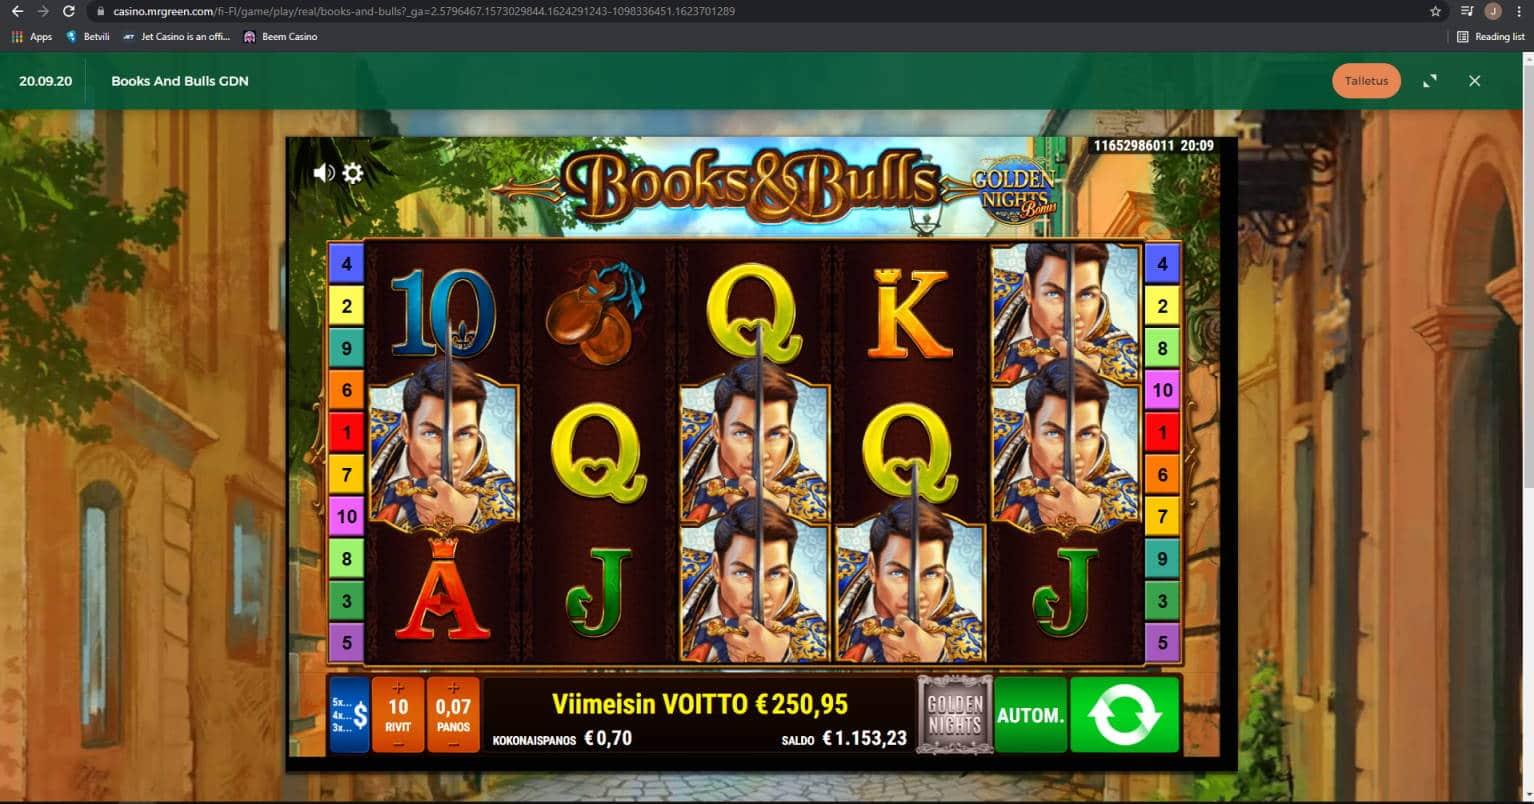 Books & Bulls Casino win picture by Jonkki 23.6.2021 250.95e 359X MrGreen